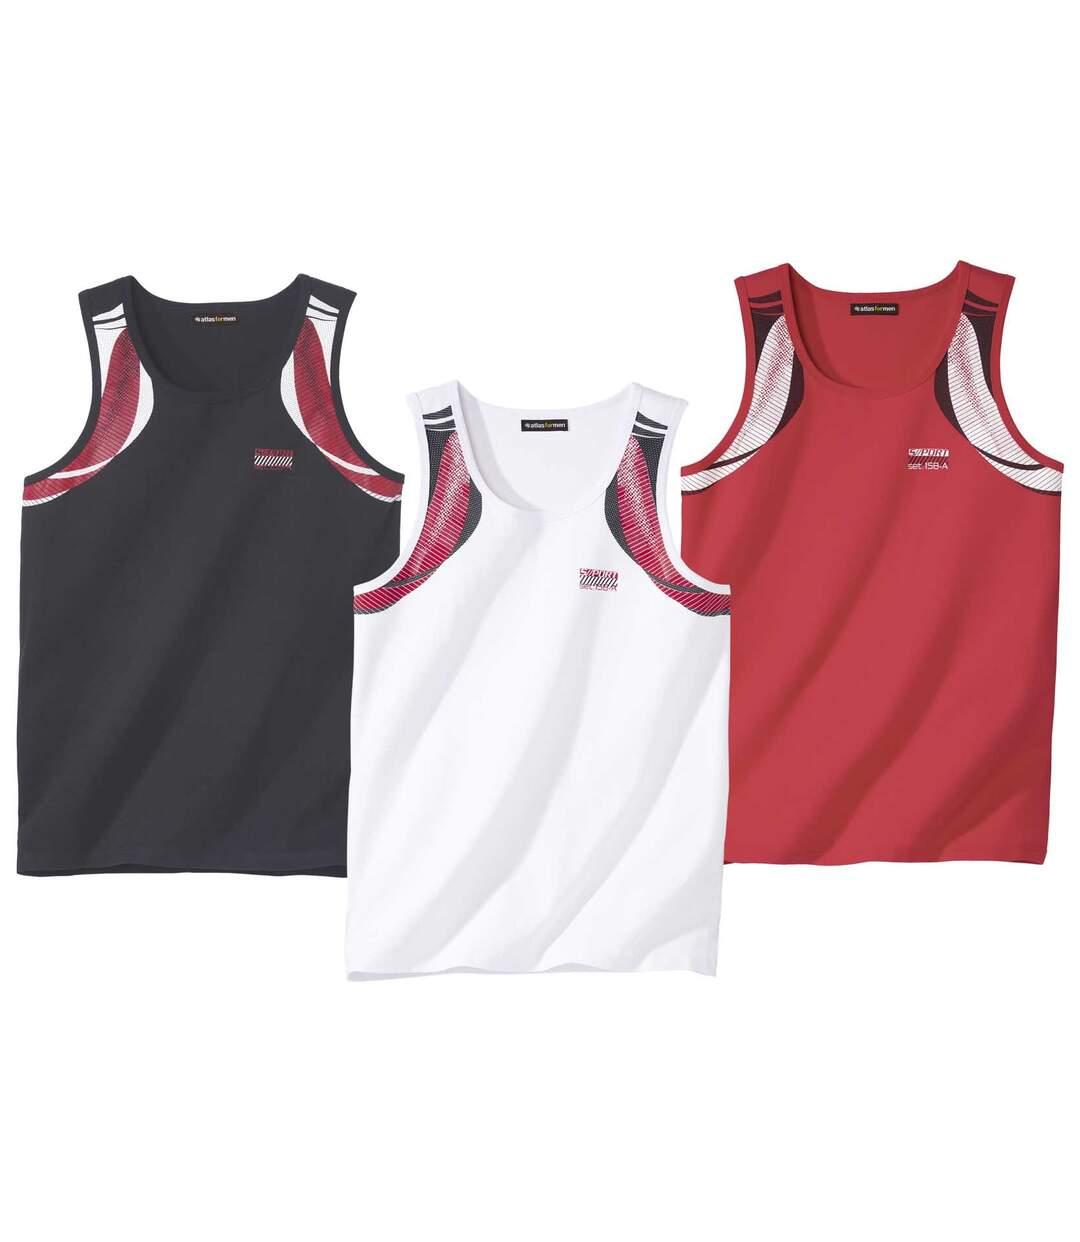 Sada 3 sportovních tílek Sunny Sport